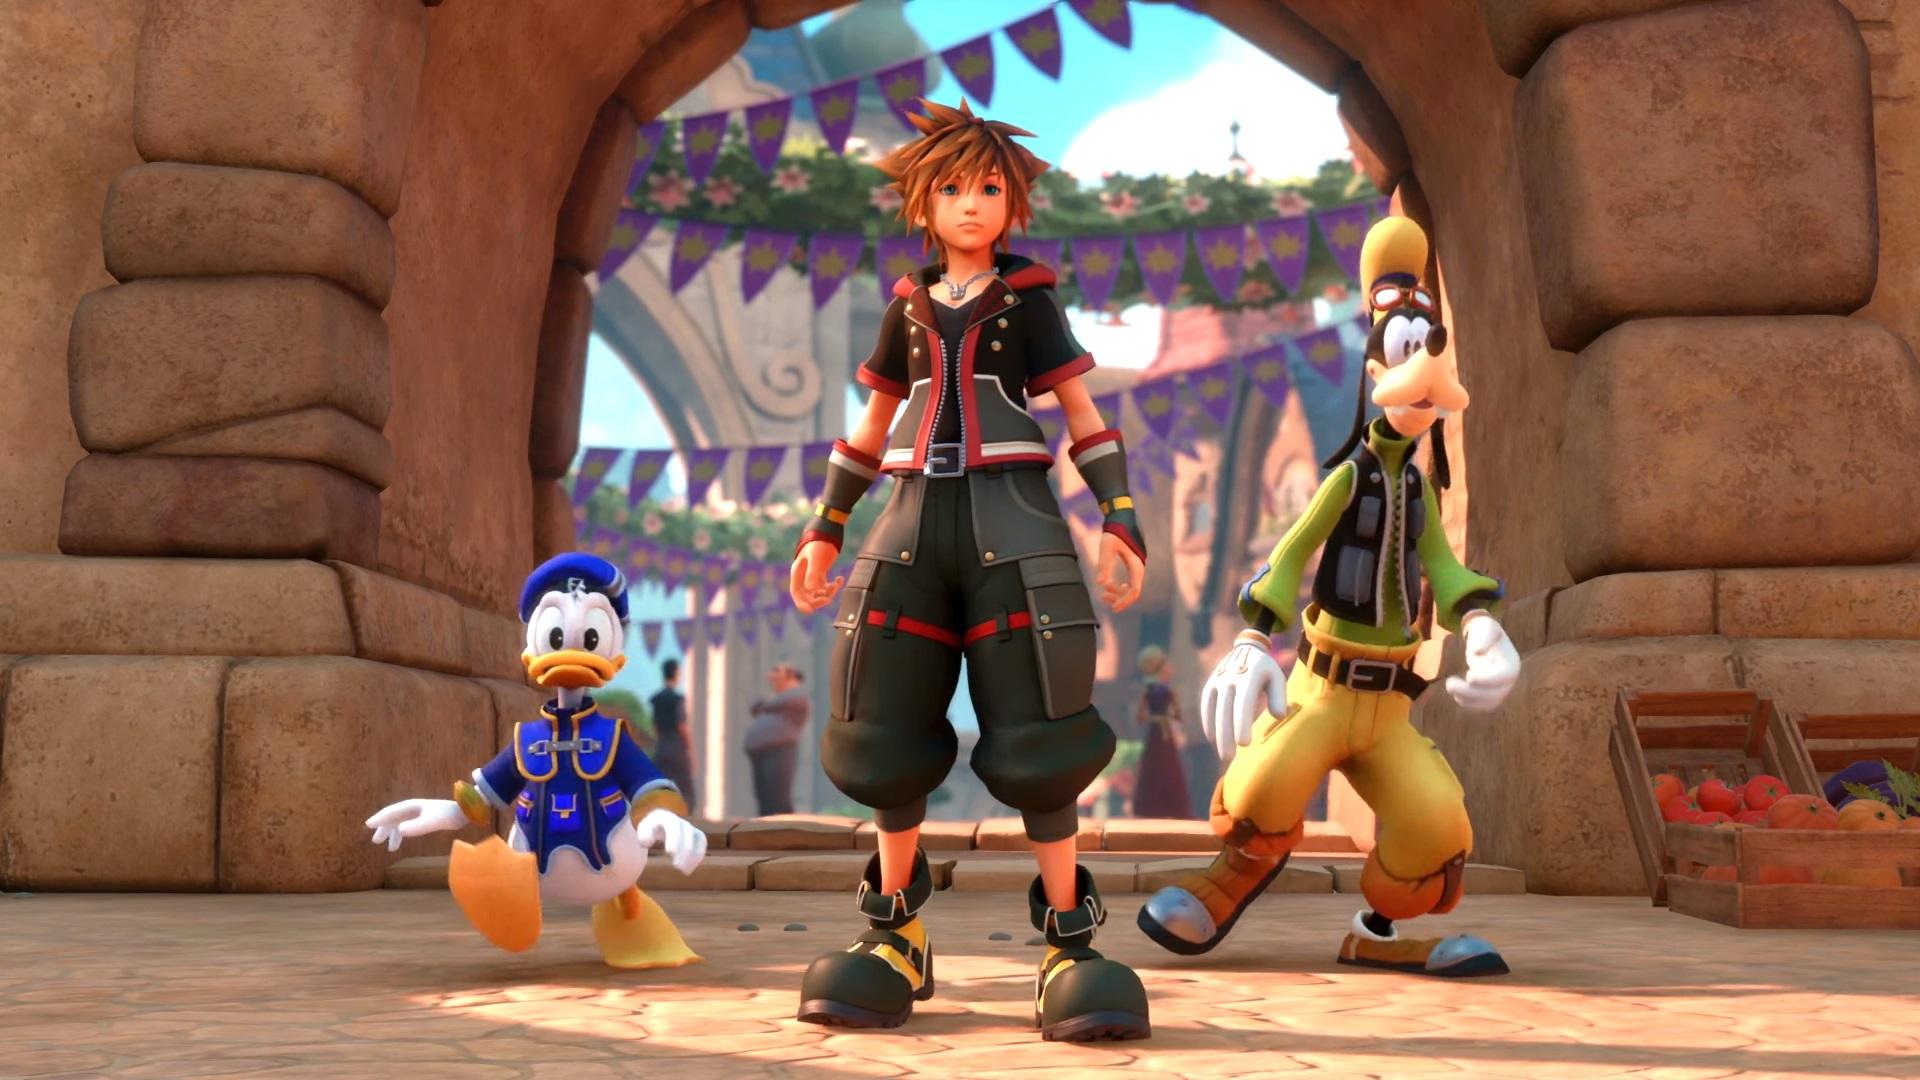 Kingdom Hearts III skrillex